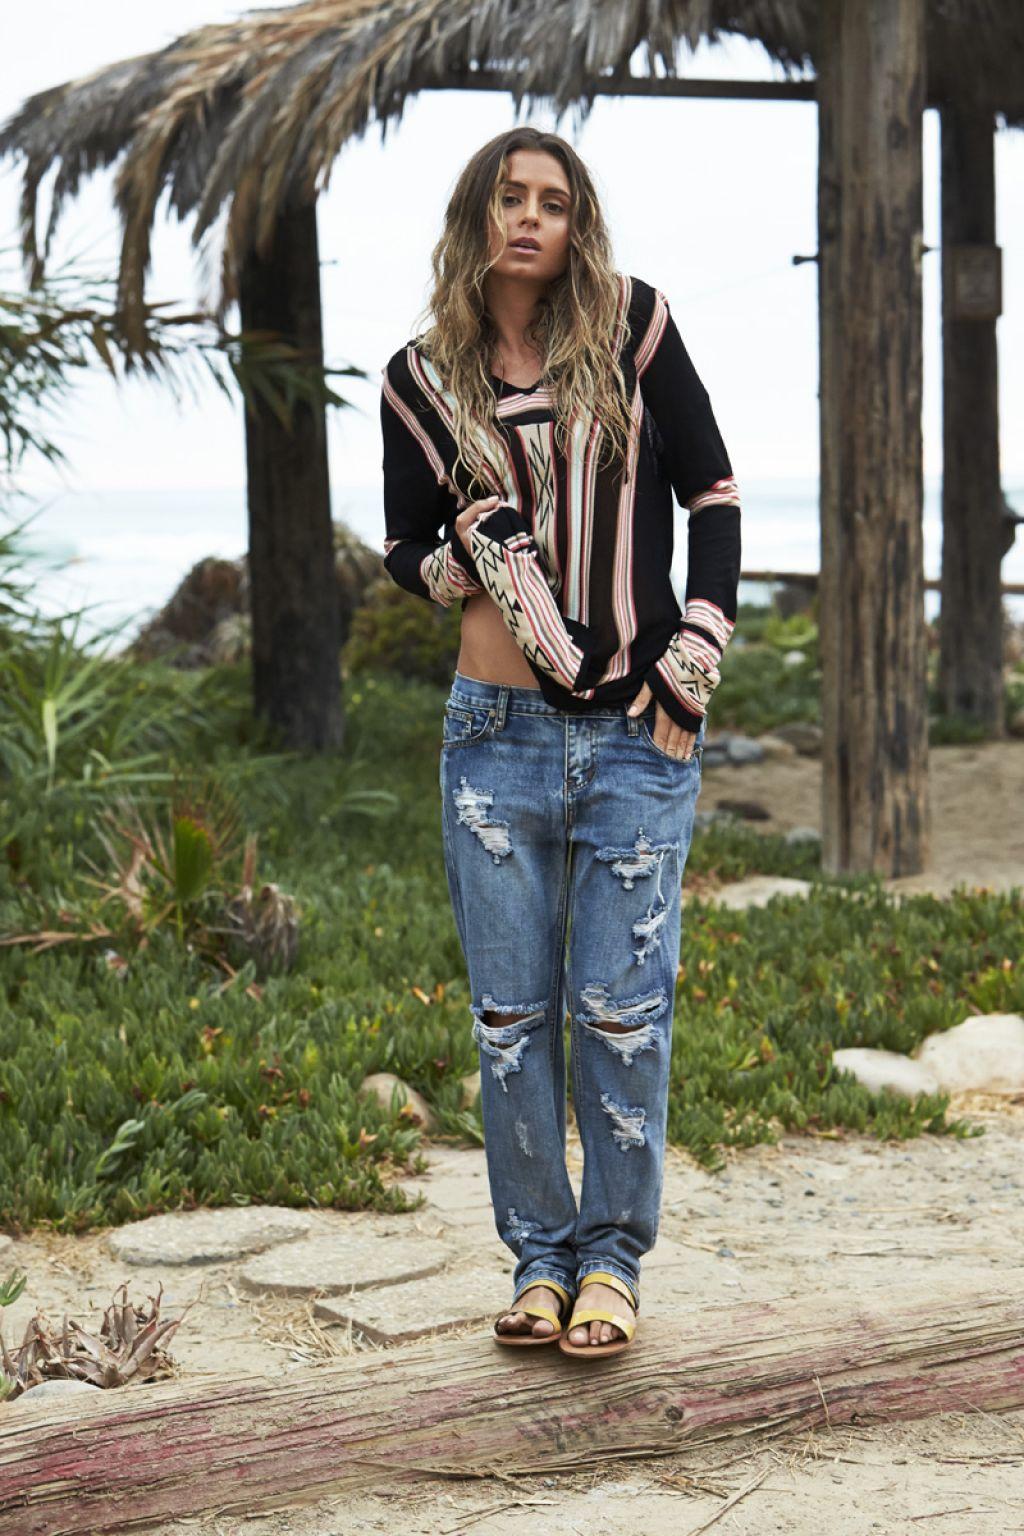 Anastasia Ashley Photoshoot For Revolve Clothing July 2014